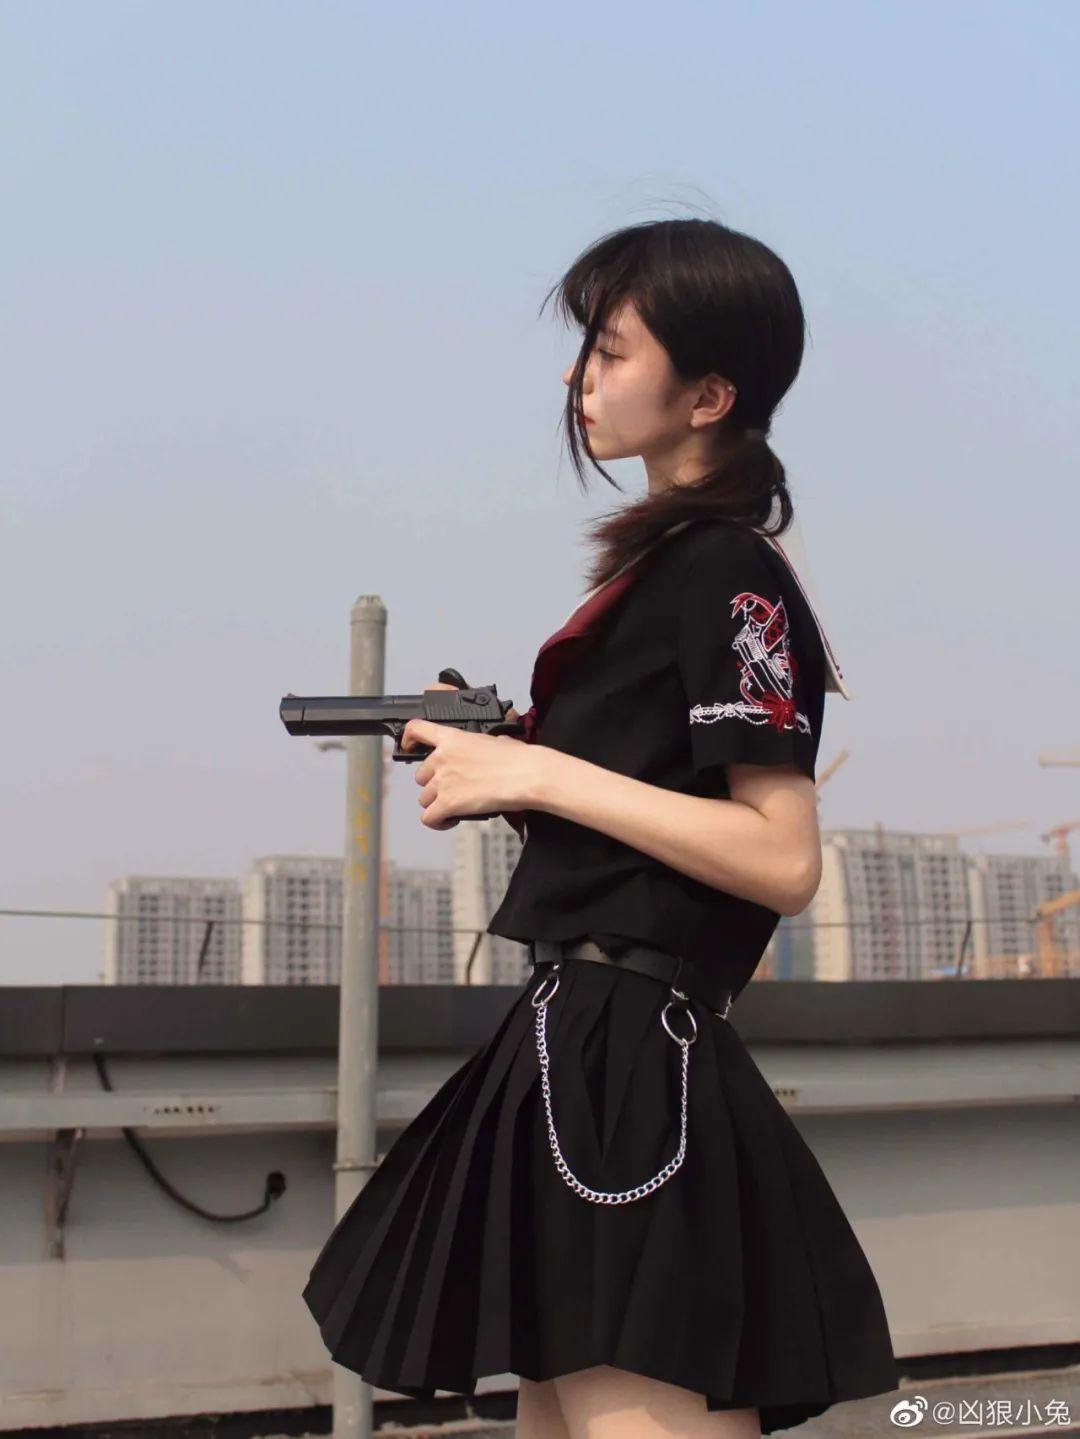 妹子摄影 – JK制服兽耳娘小姐姐+ 双马尾小姐姐_图片 No.13